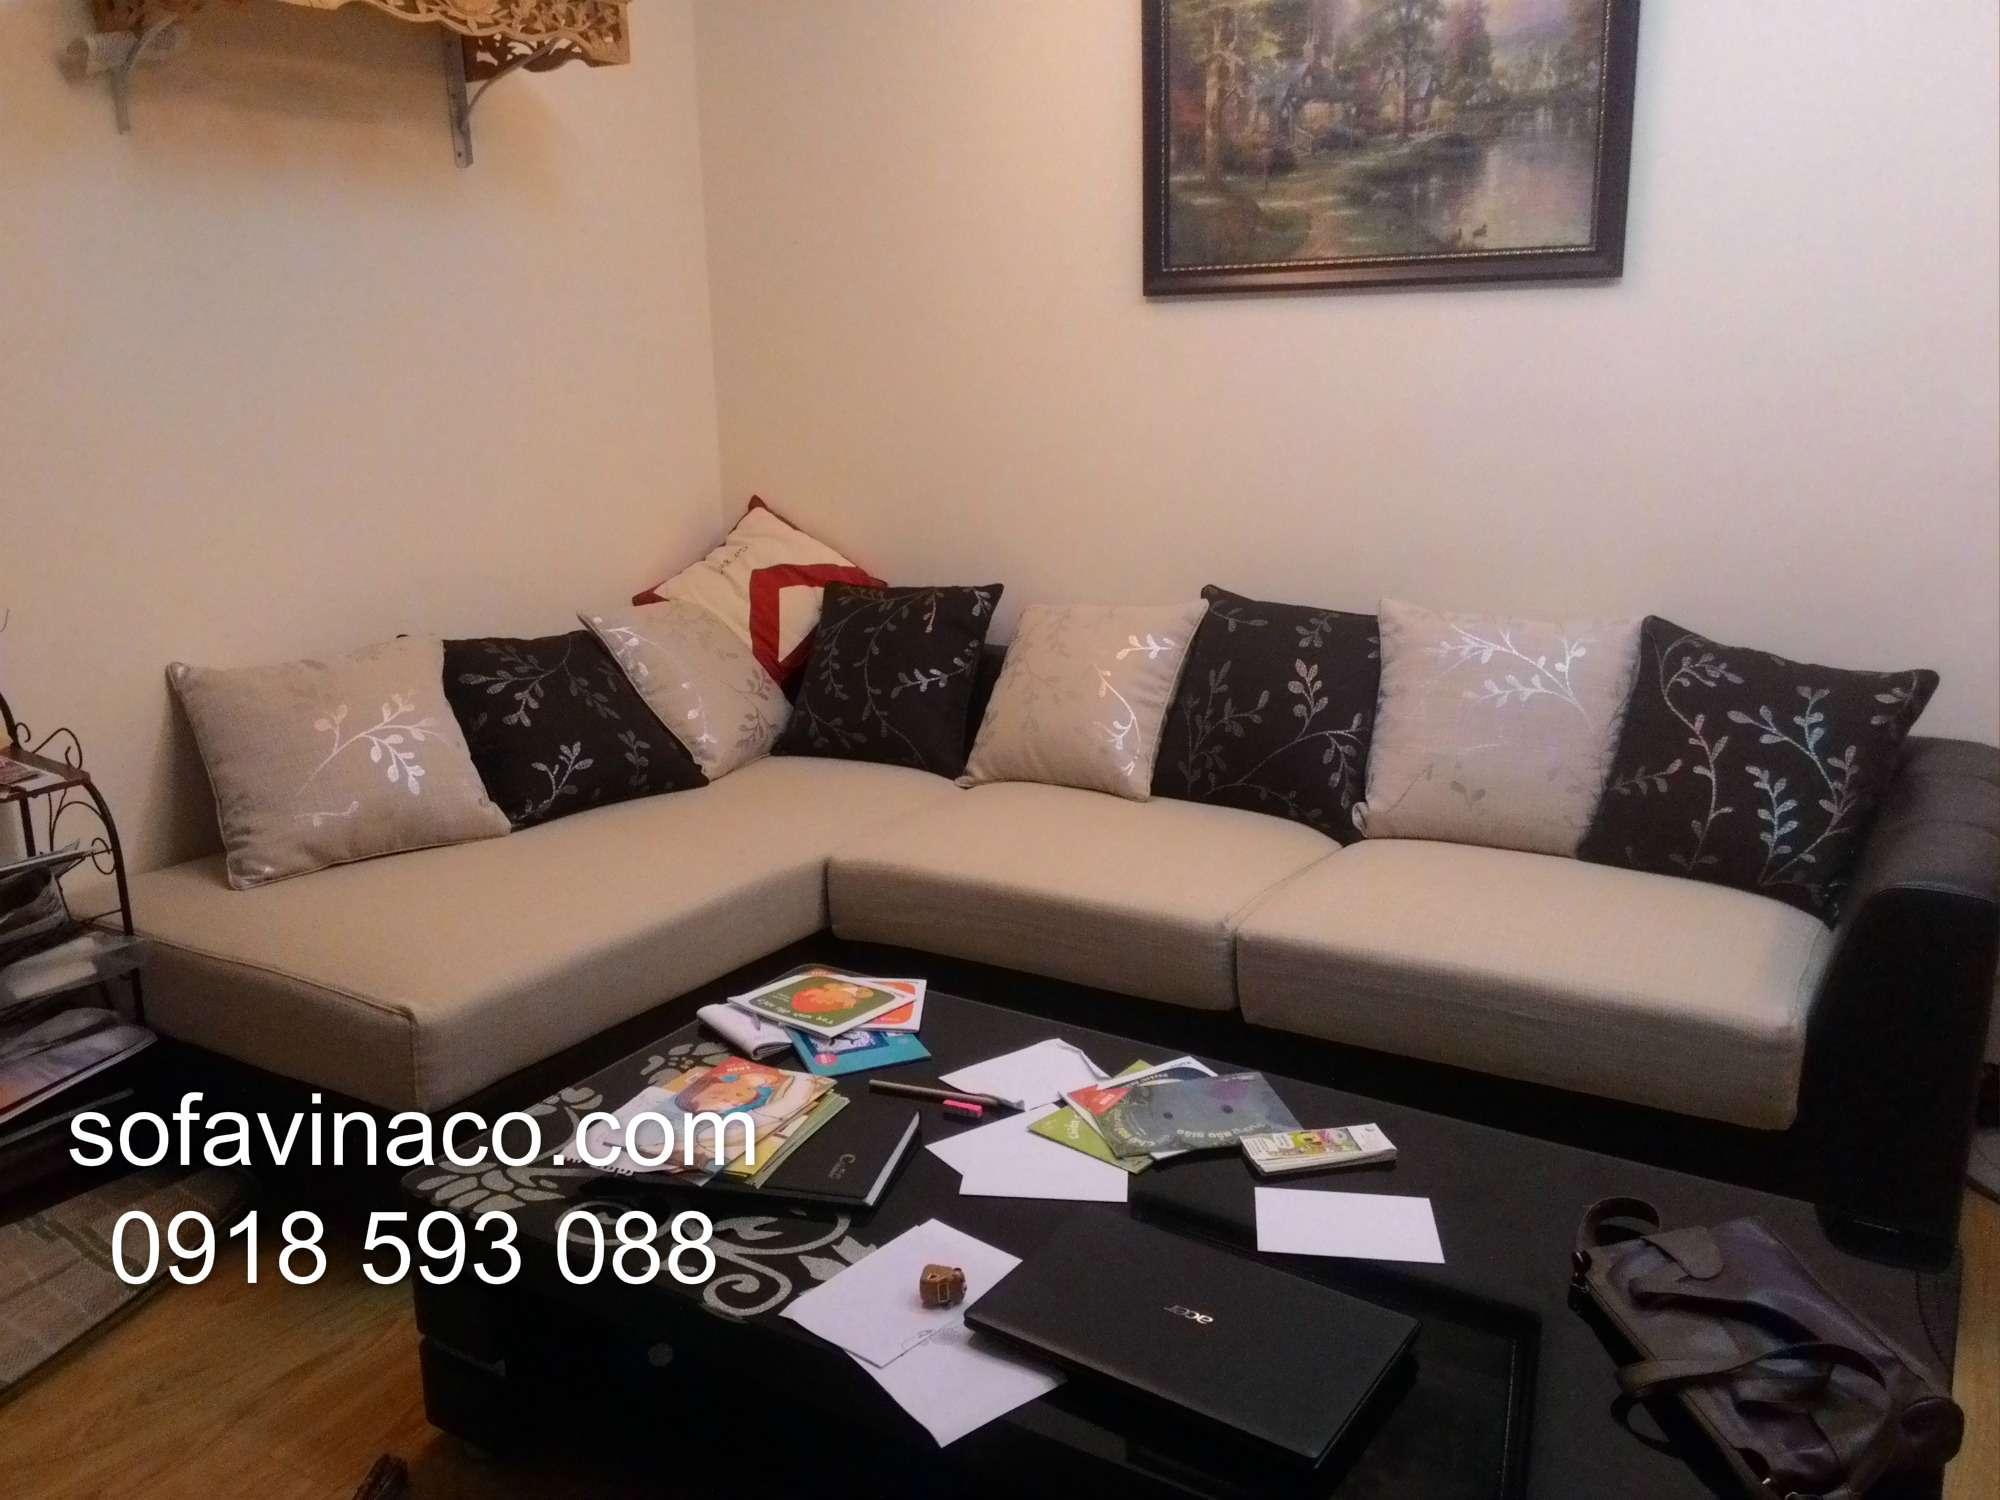 Bọc ghế sofa góc 0409 tại Minh Khai- Hai Bà Trưng- Hà Nội